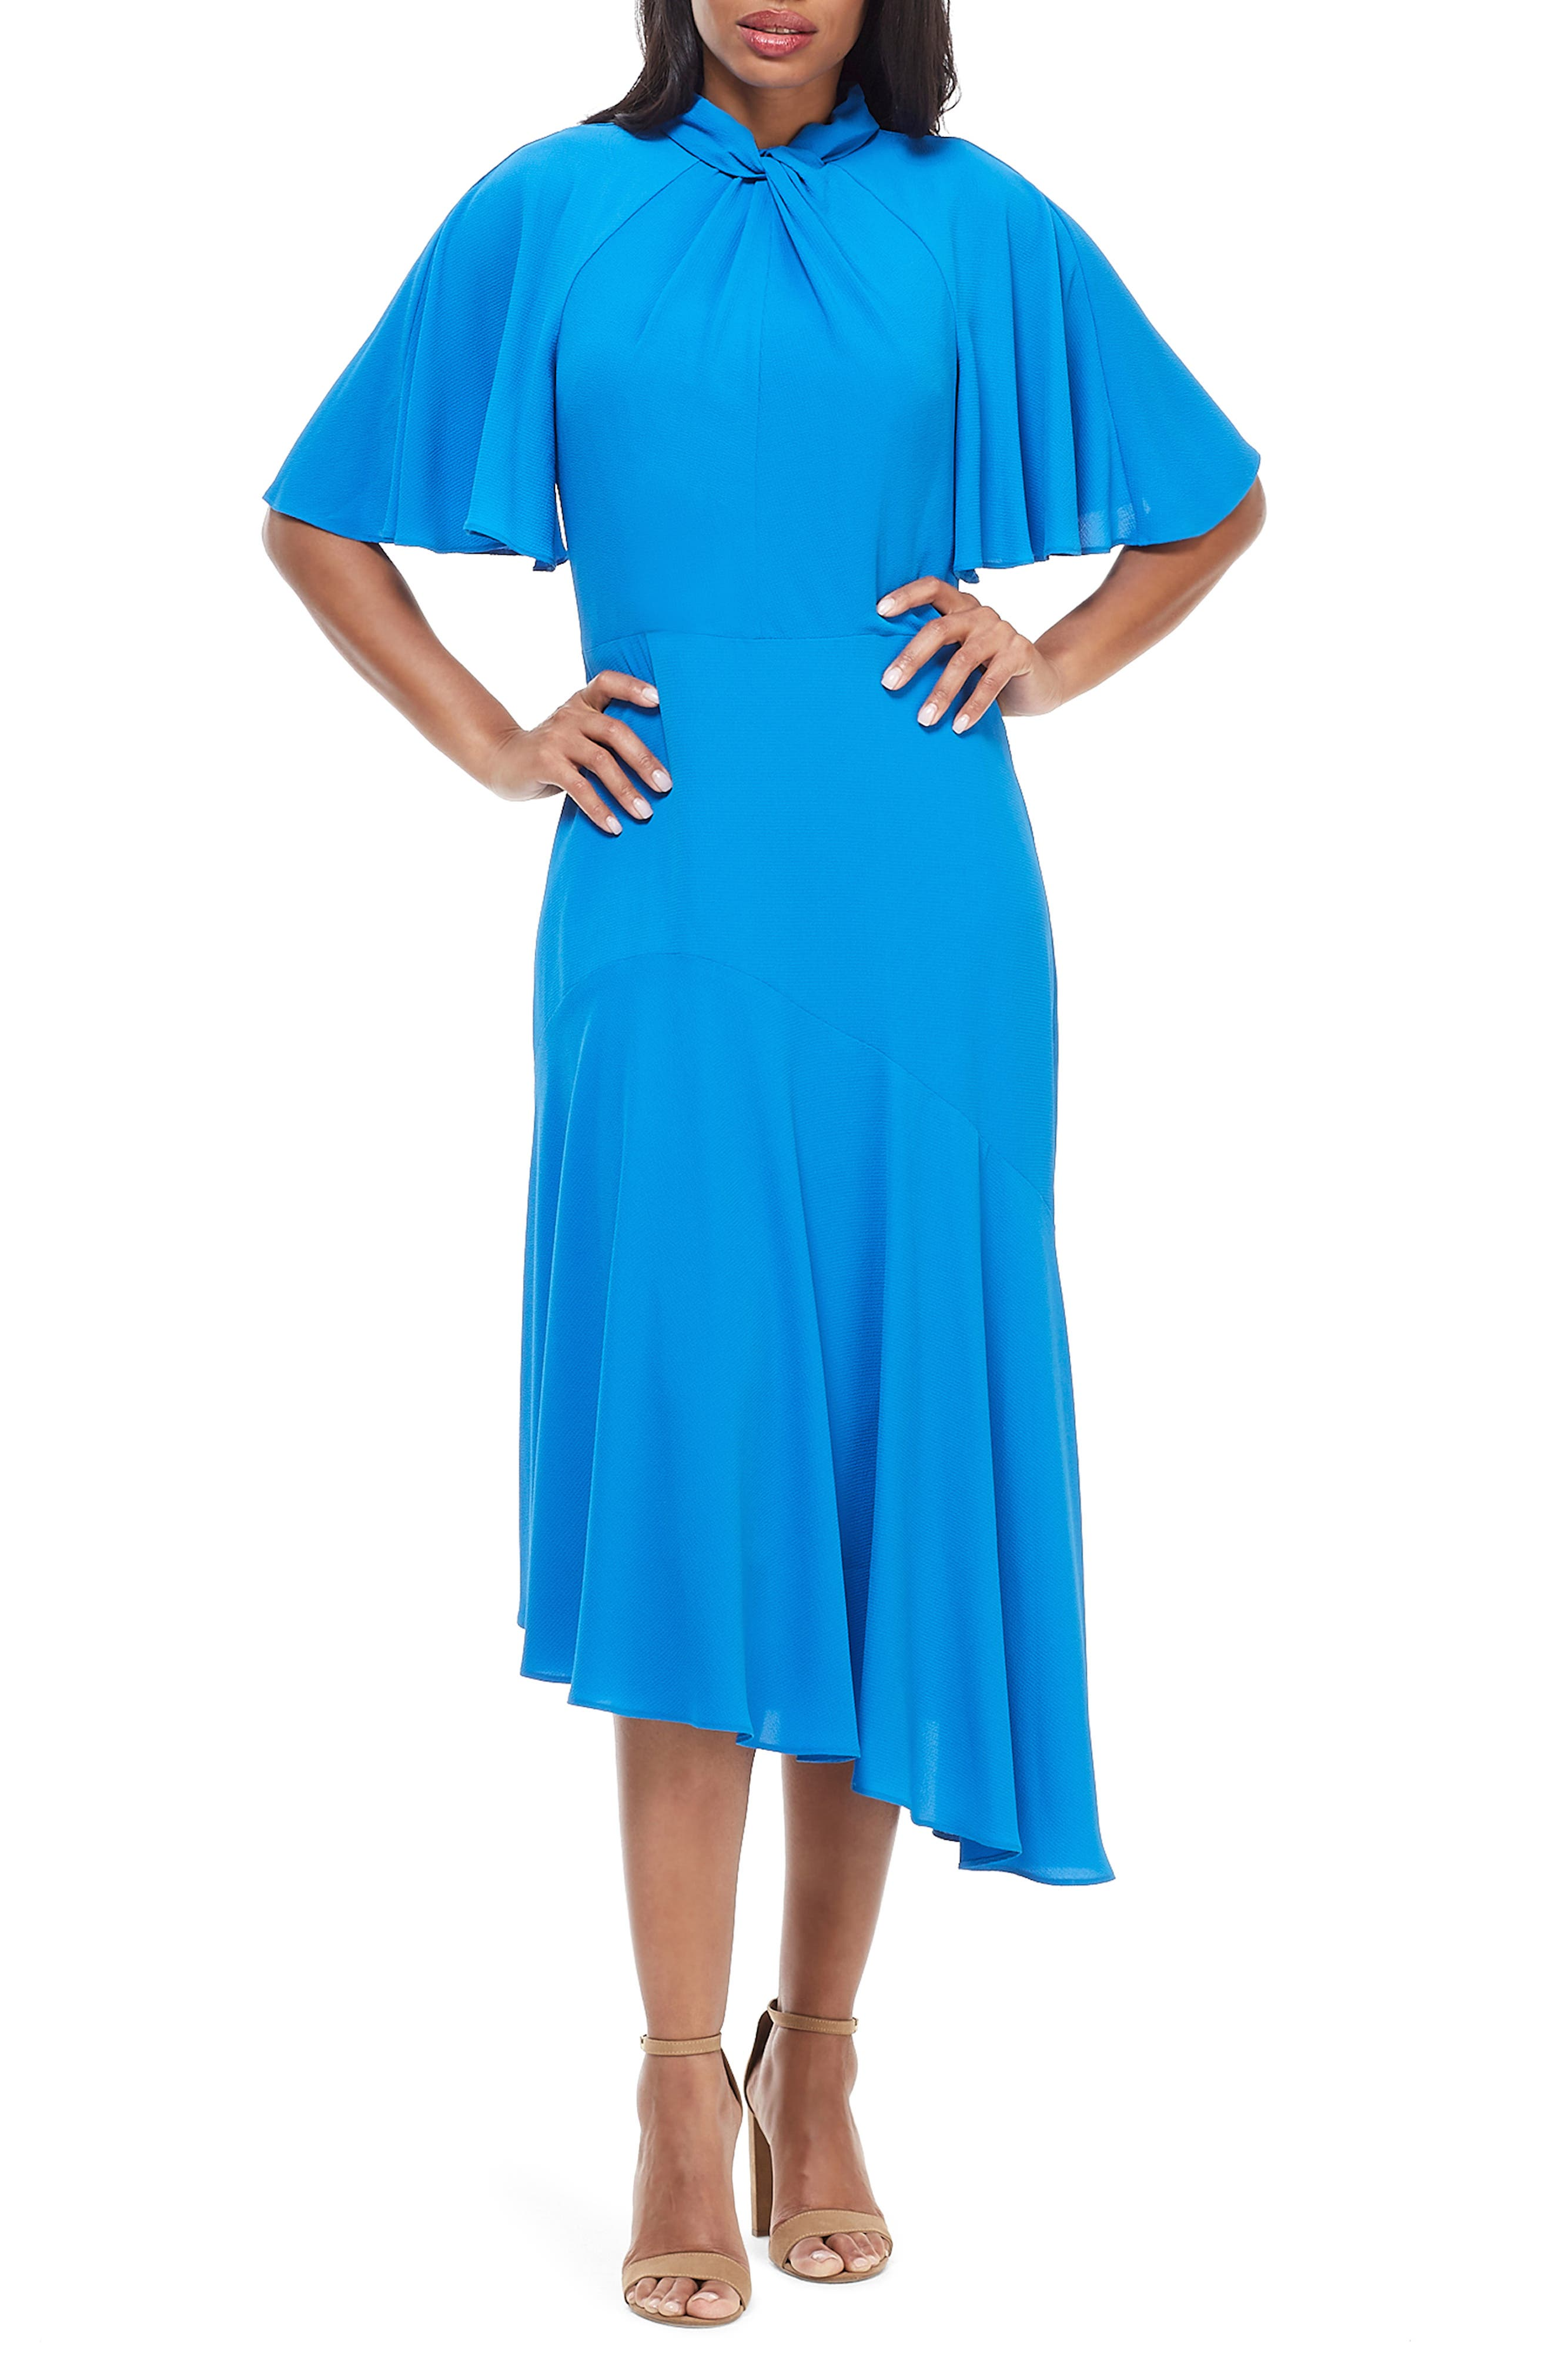 0d489d9da5c6 Maggy London Women s Dresses